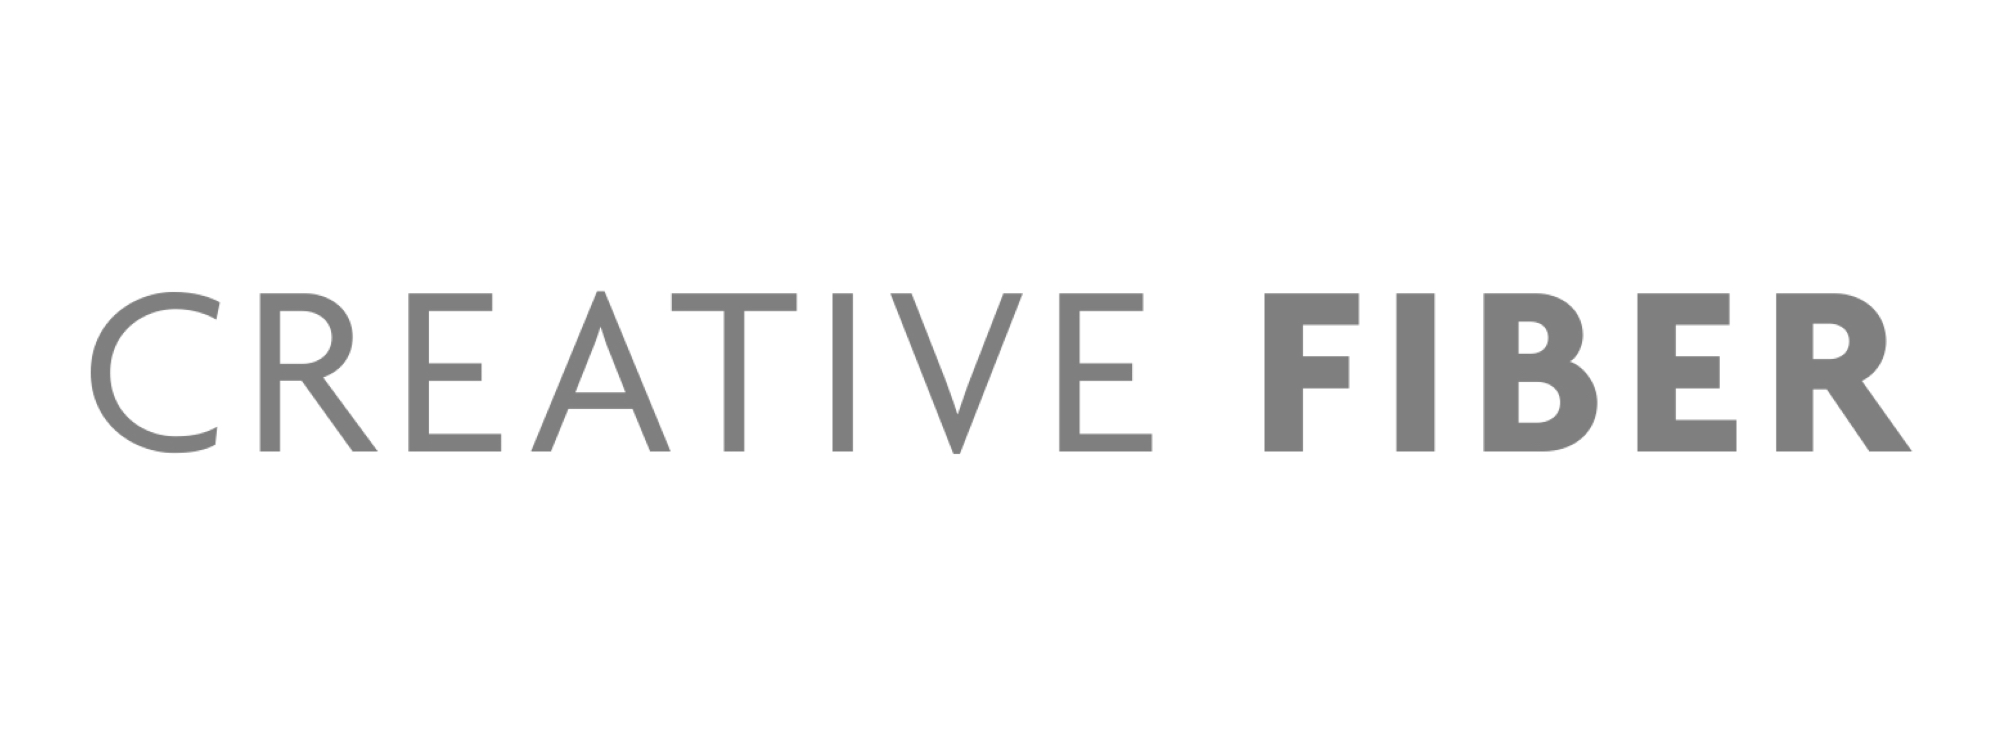 Creative Fiber.jpg